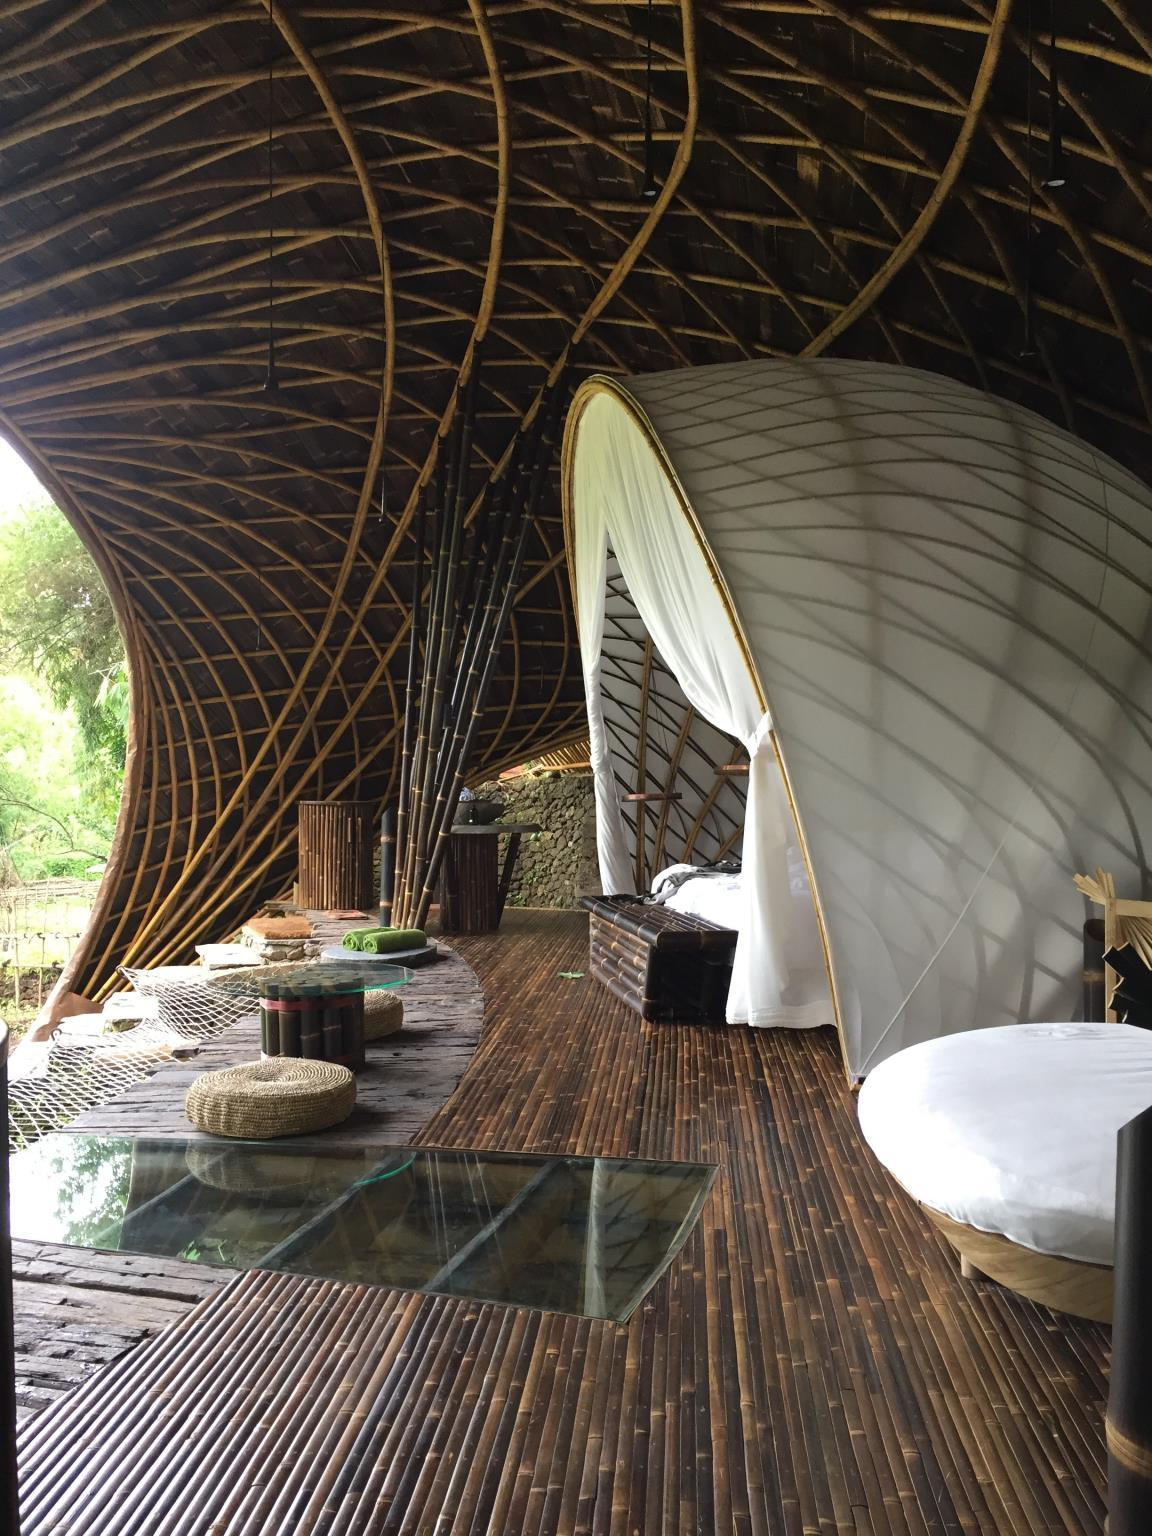 Bambu Indah, Ubud, Bali Image 0